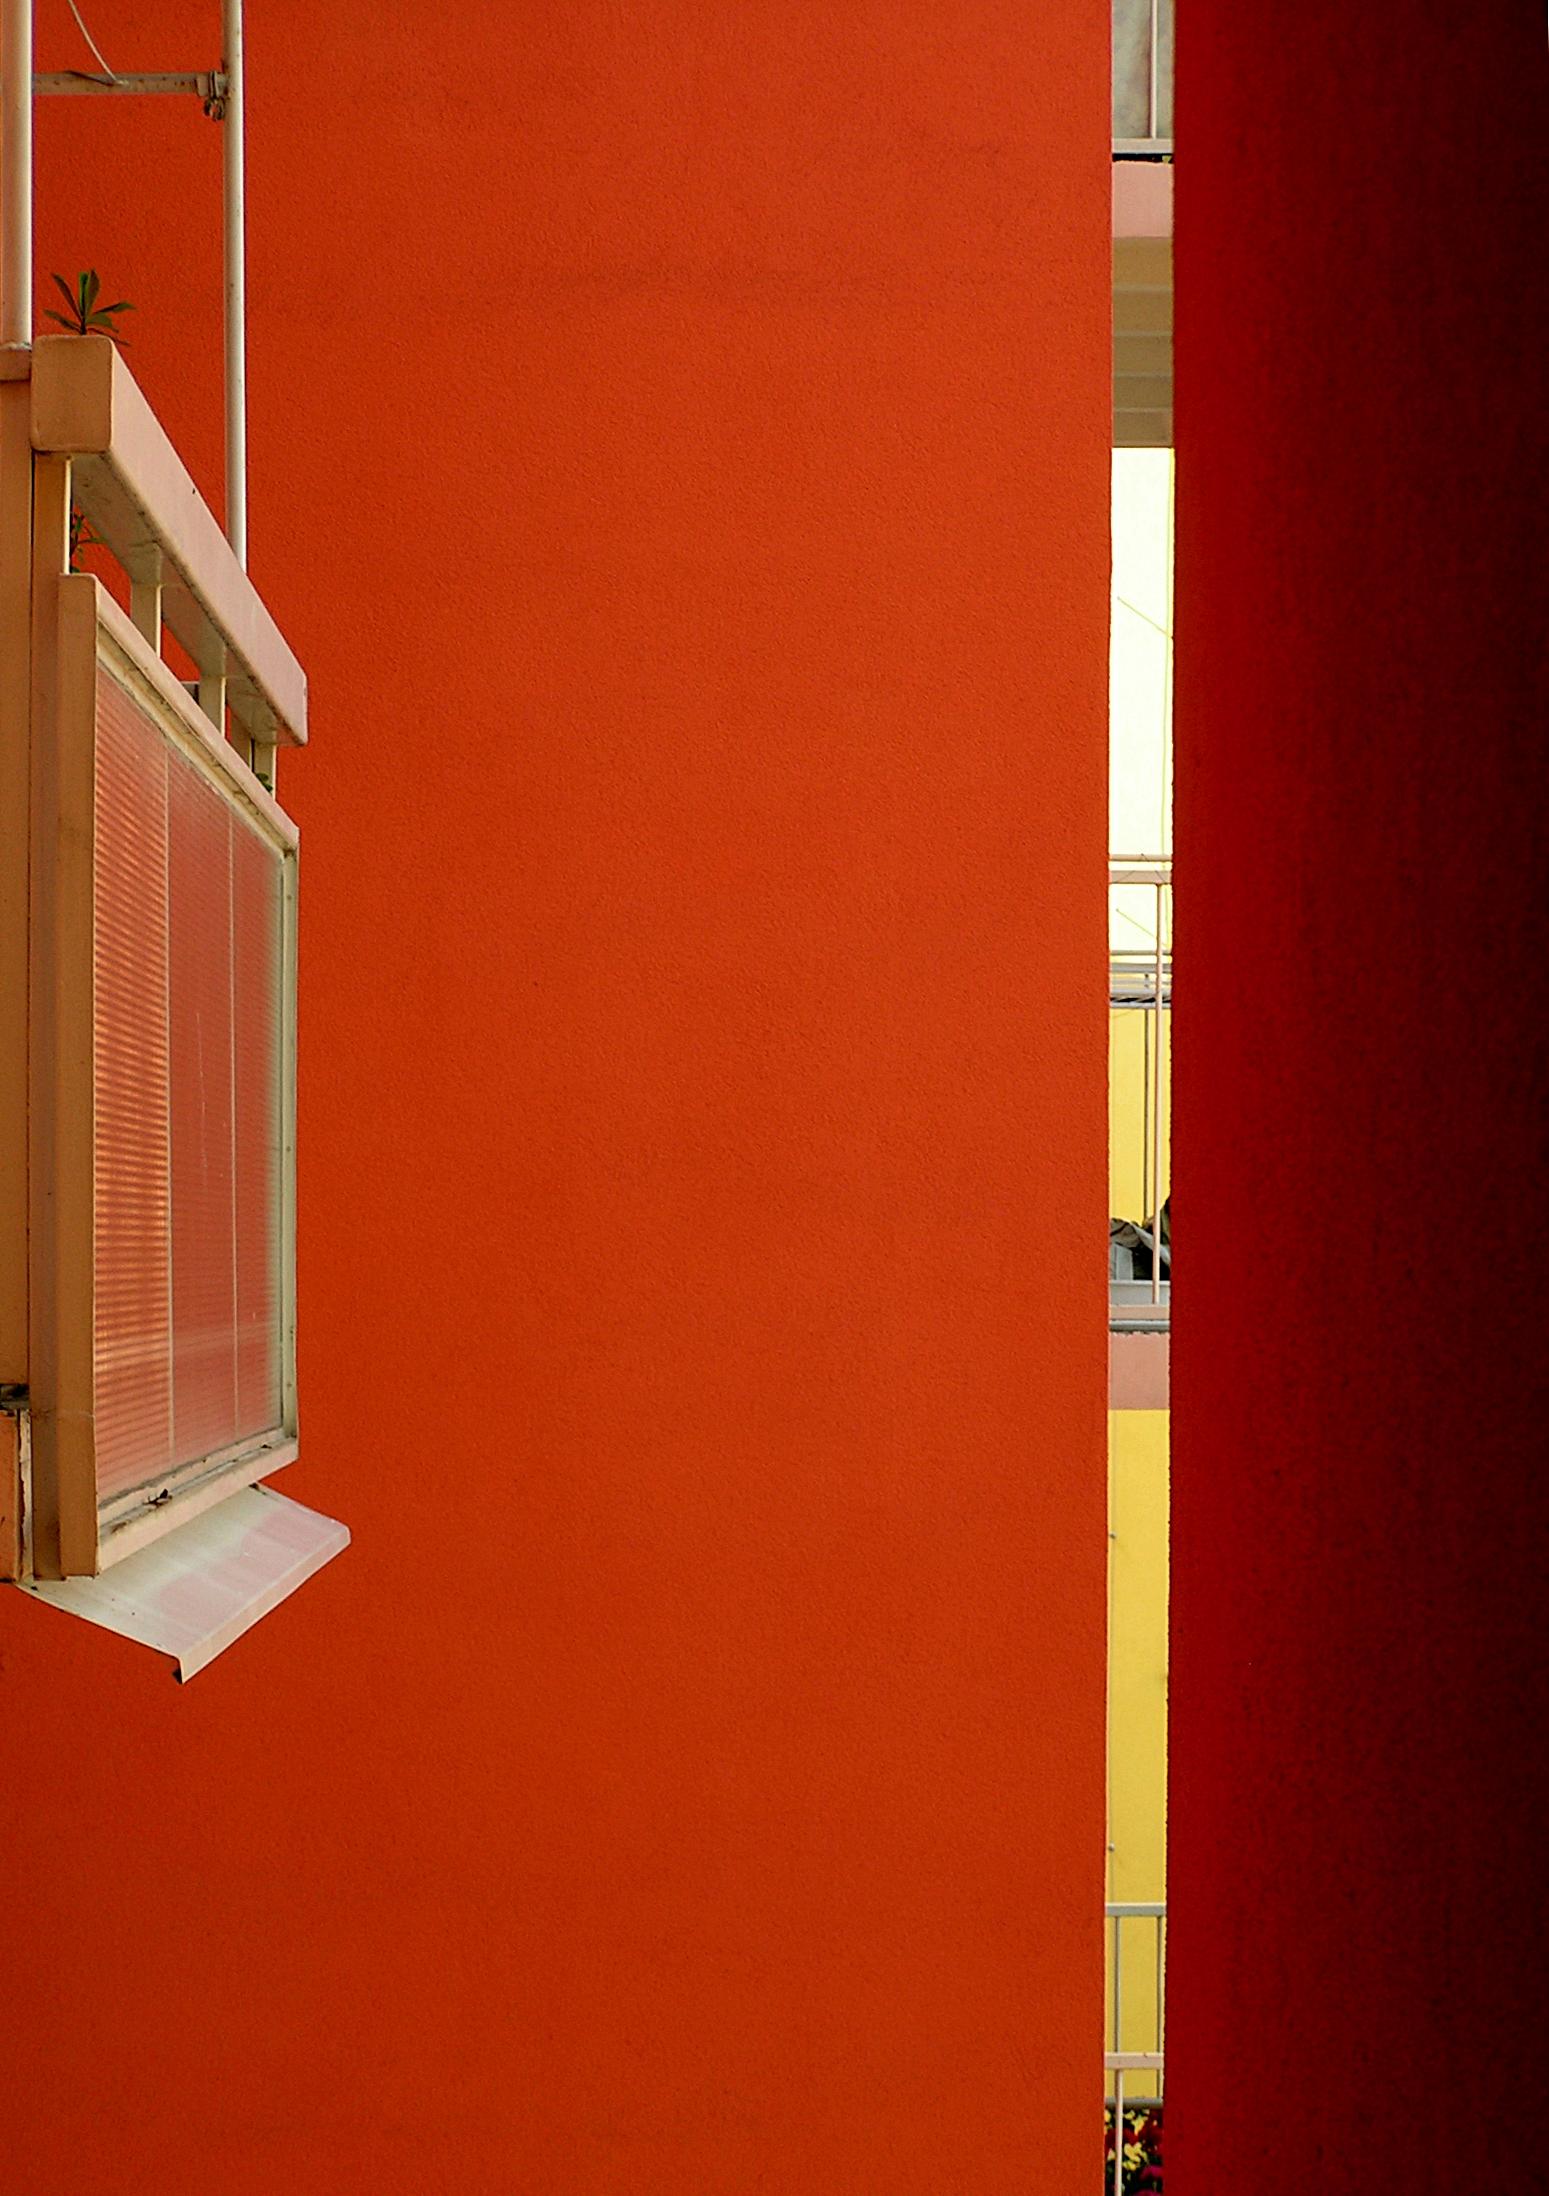 Rothko Variation